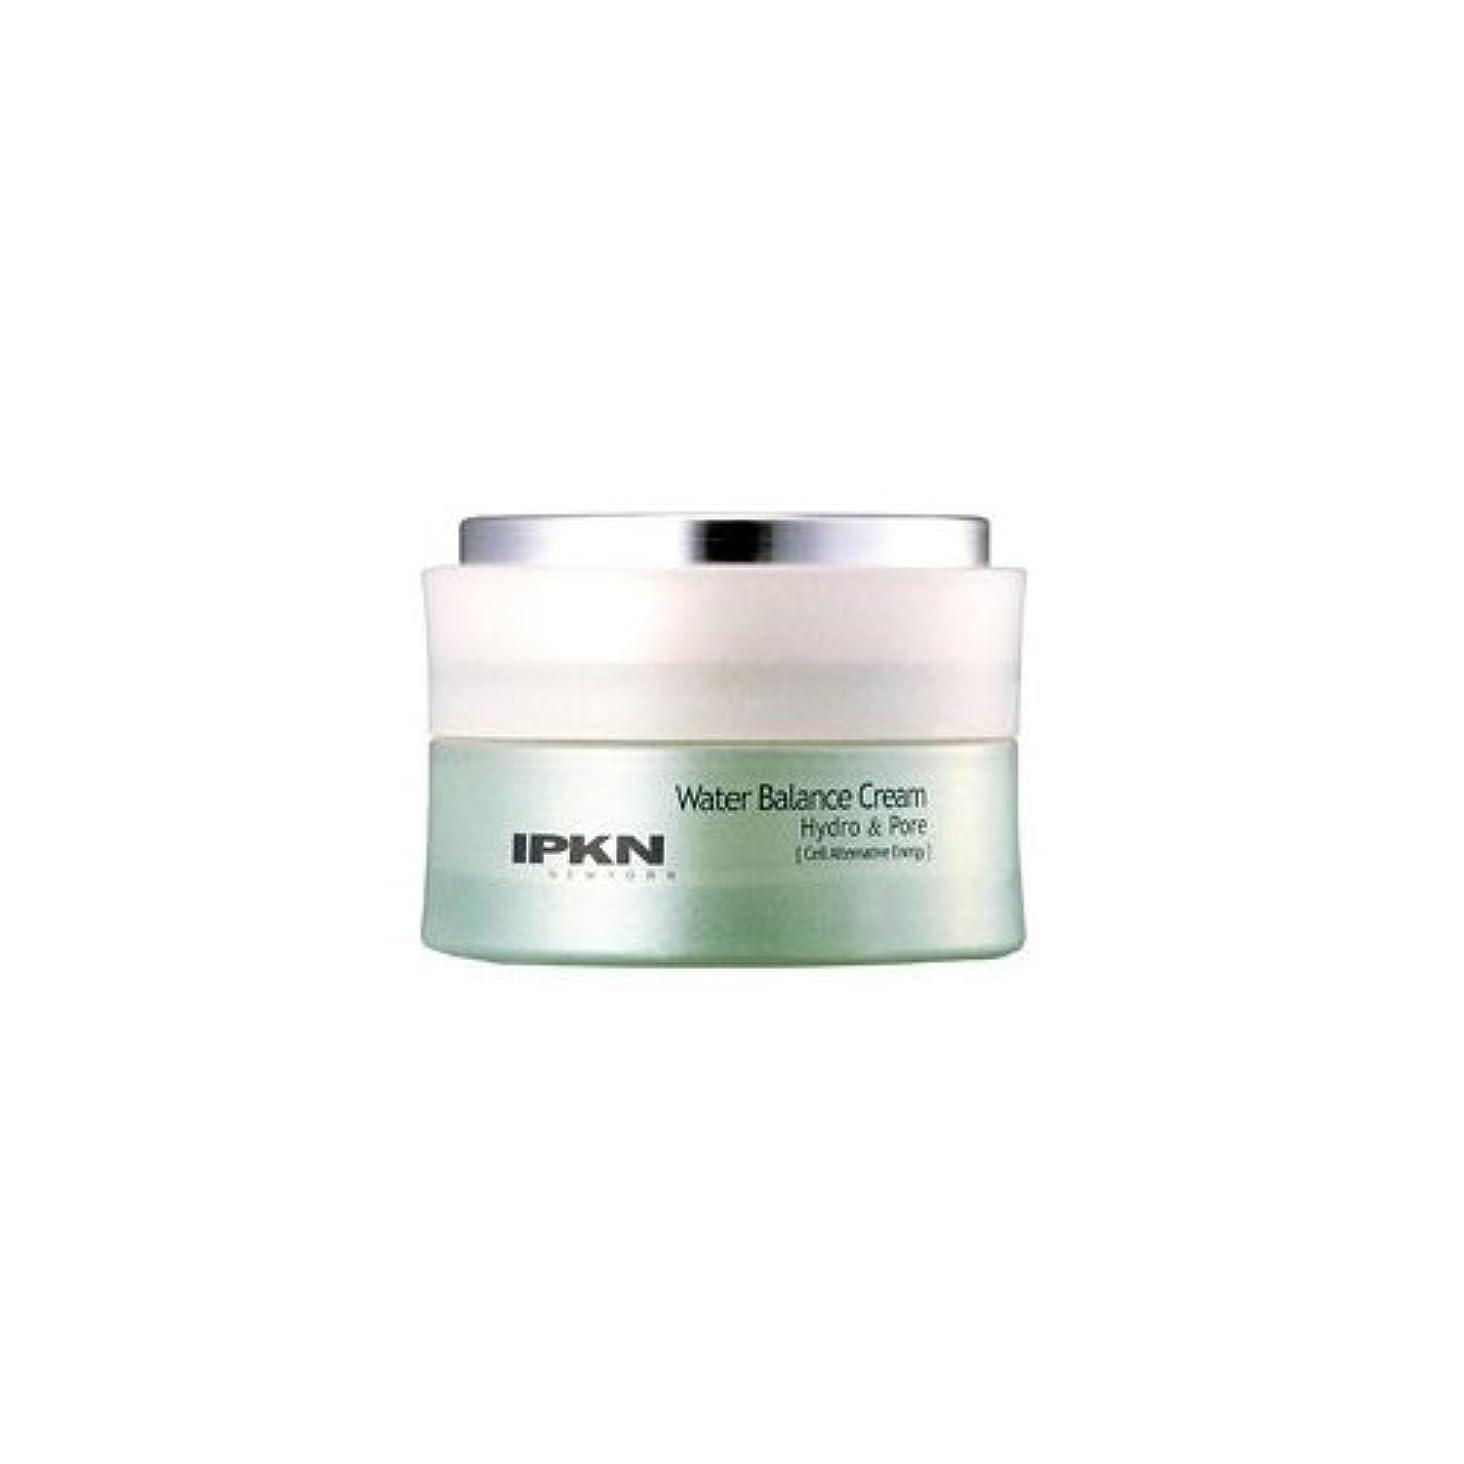 前提韓国語記述するHydro & Pore Water Balance Cream (50g)